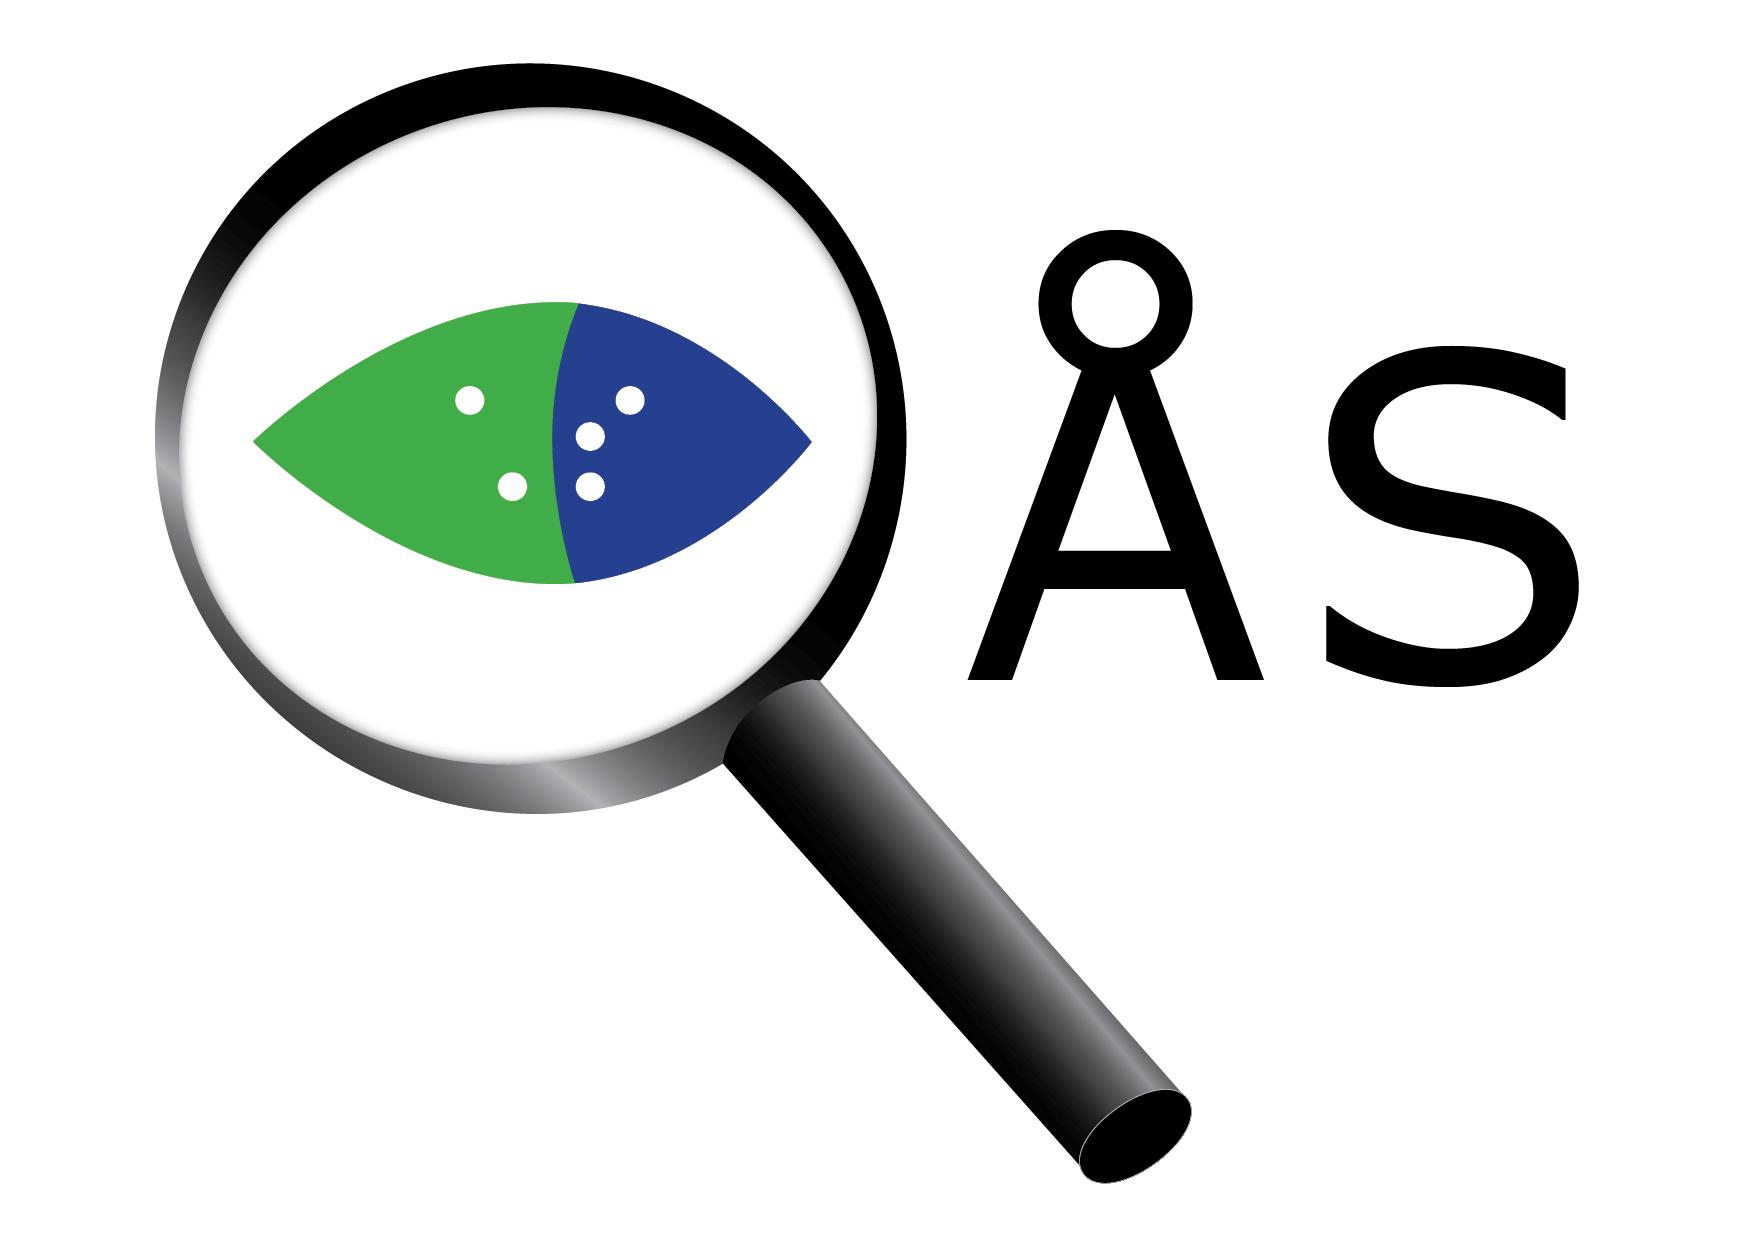 Logobild för Åbolands synskadade r.f. Ett förstoringsglas med ett öga i mitten samt bokstäverna ÅS till höger